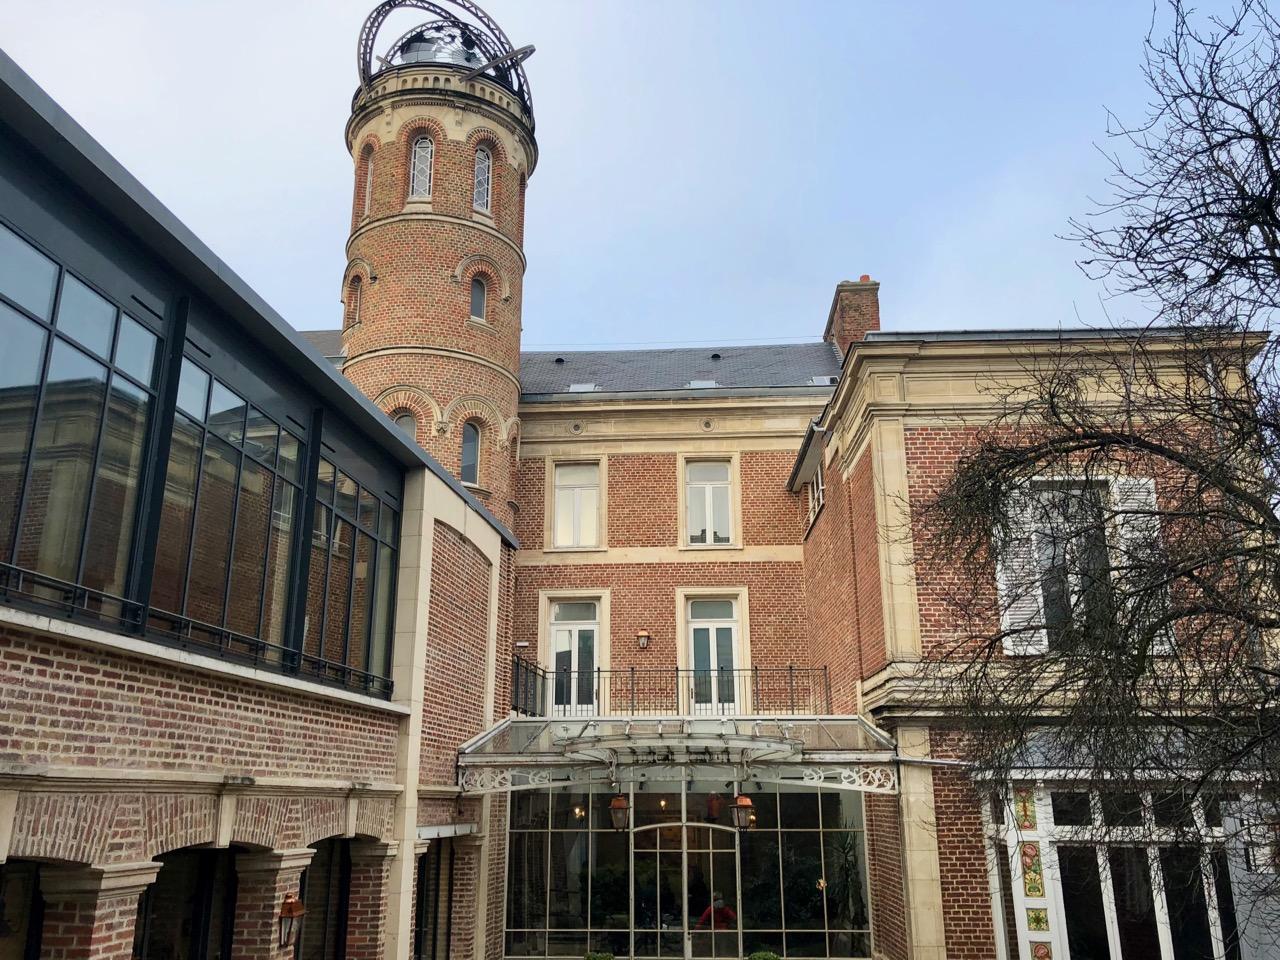 Decoratrice D Interieur Amiens amiens maison jules verne-interieur-cour - plus au nord